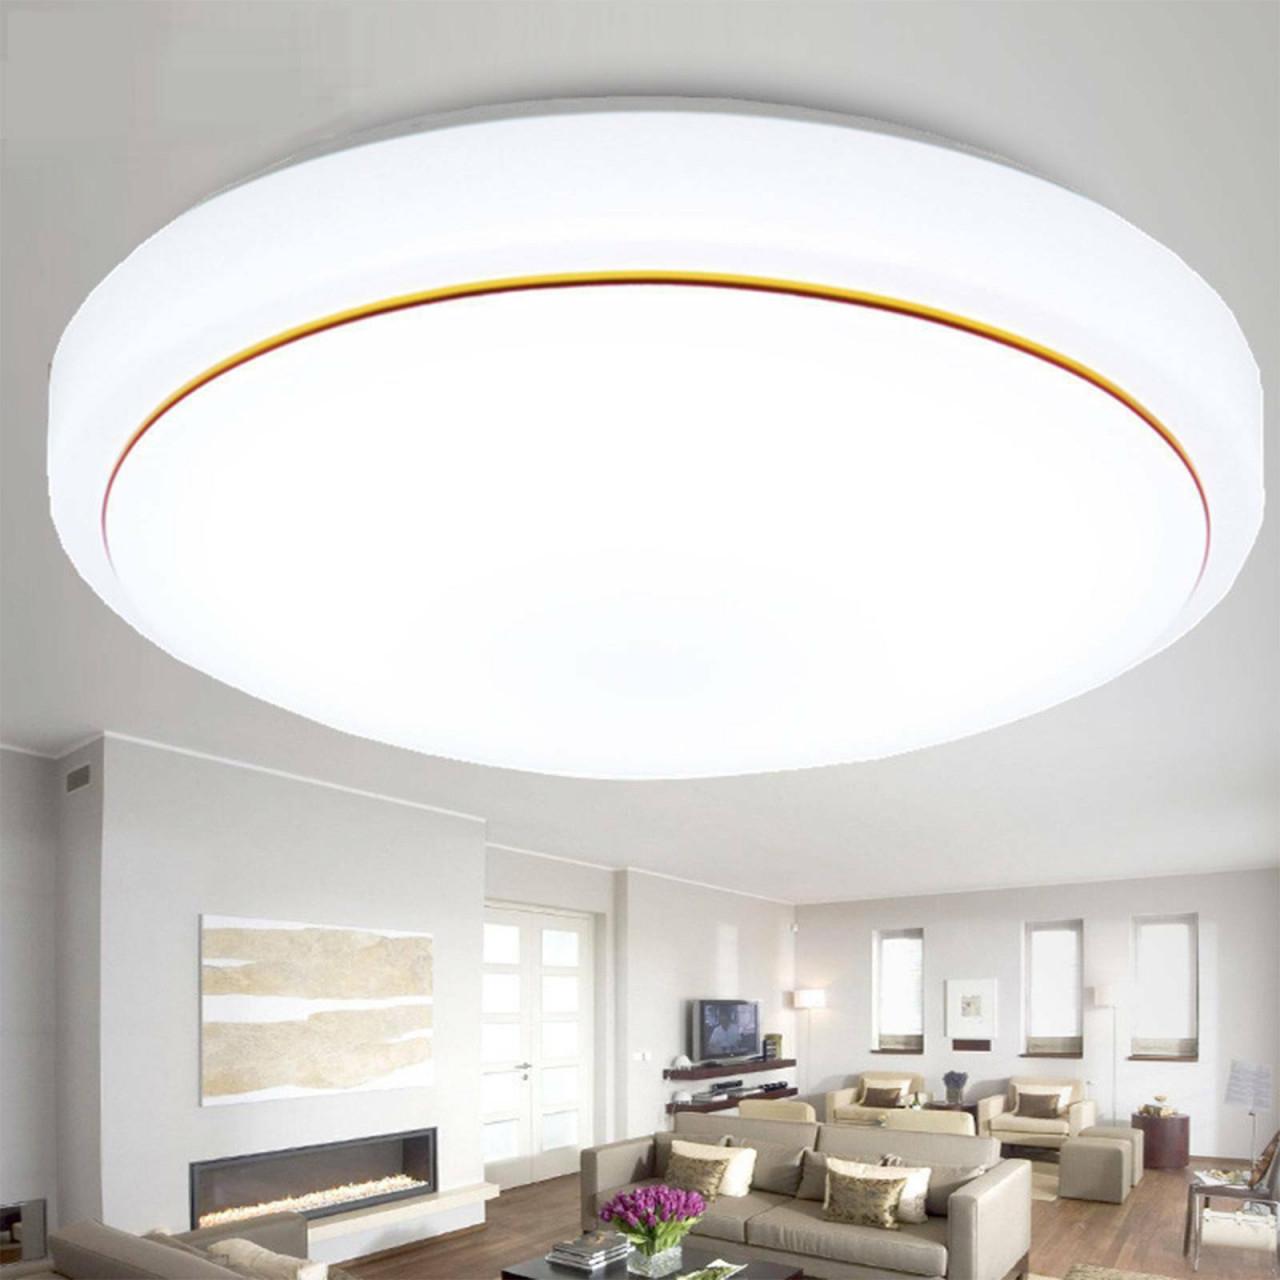 Product Id 362798905144 von Deckenlampe Led Wohnzimmer Bild